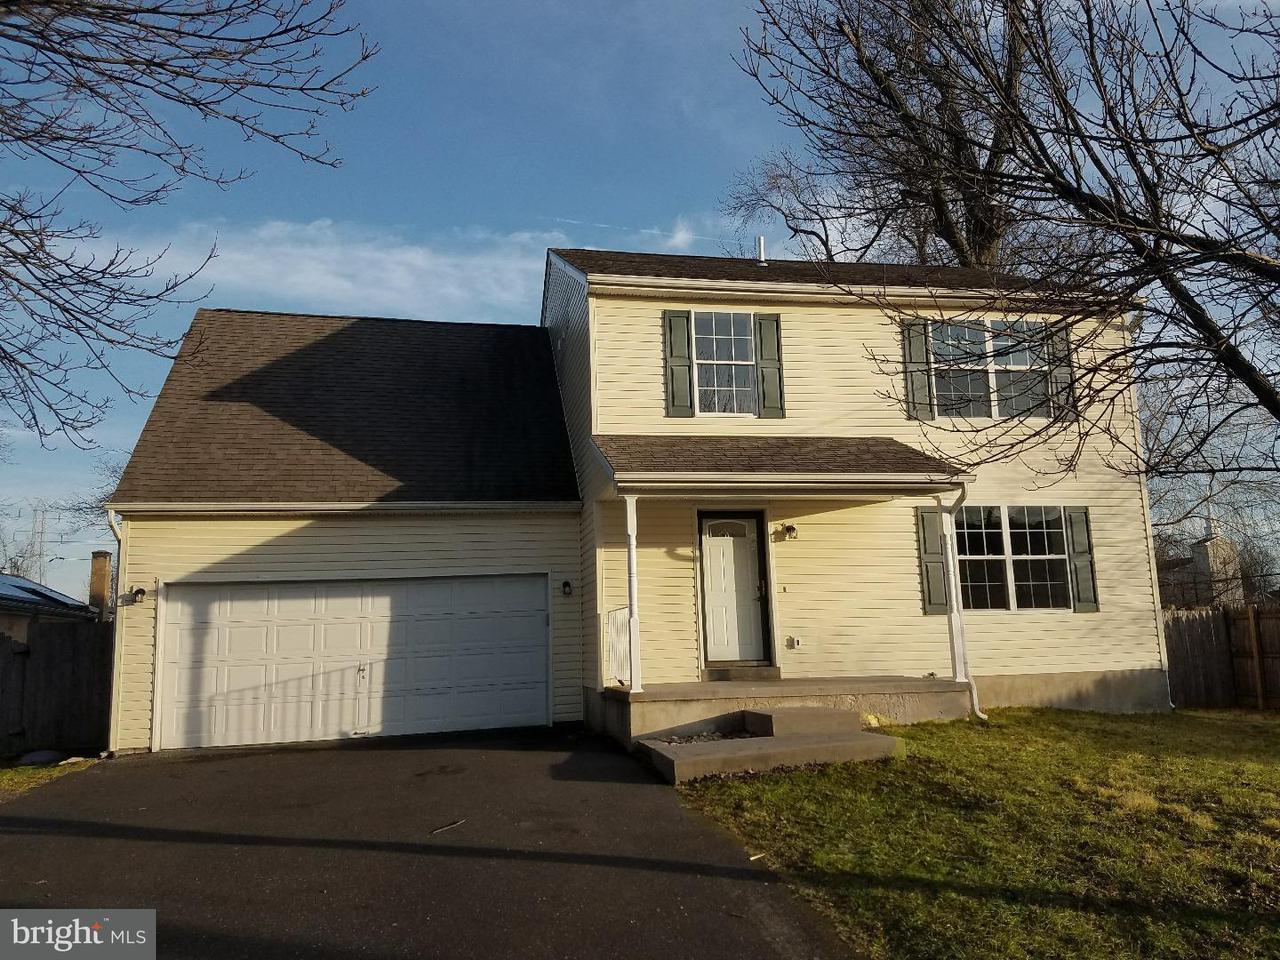 Частный односемейный дом для того Продажа на 2533 BUFFALO Avenue Feasterville, Пенсильвания 19053 Соединенные Штаты